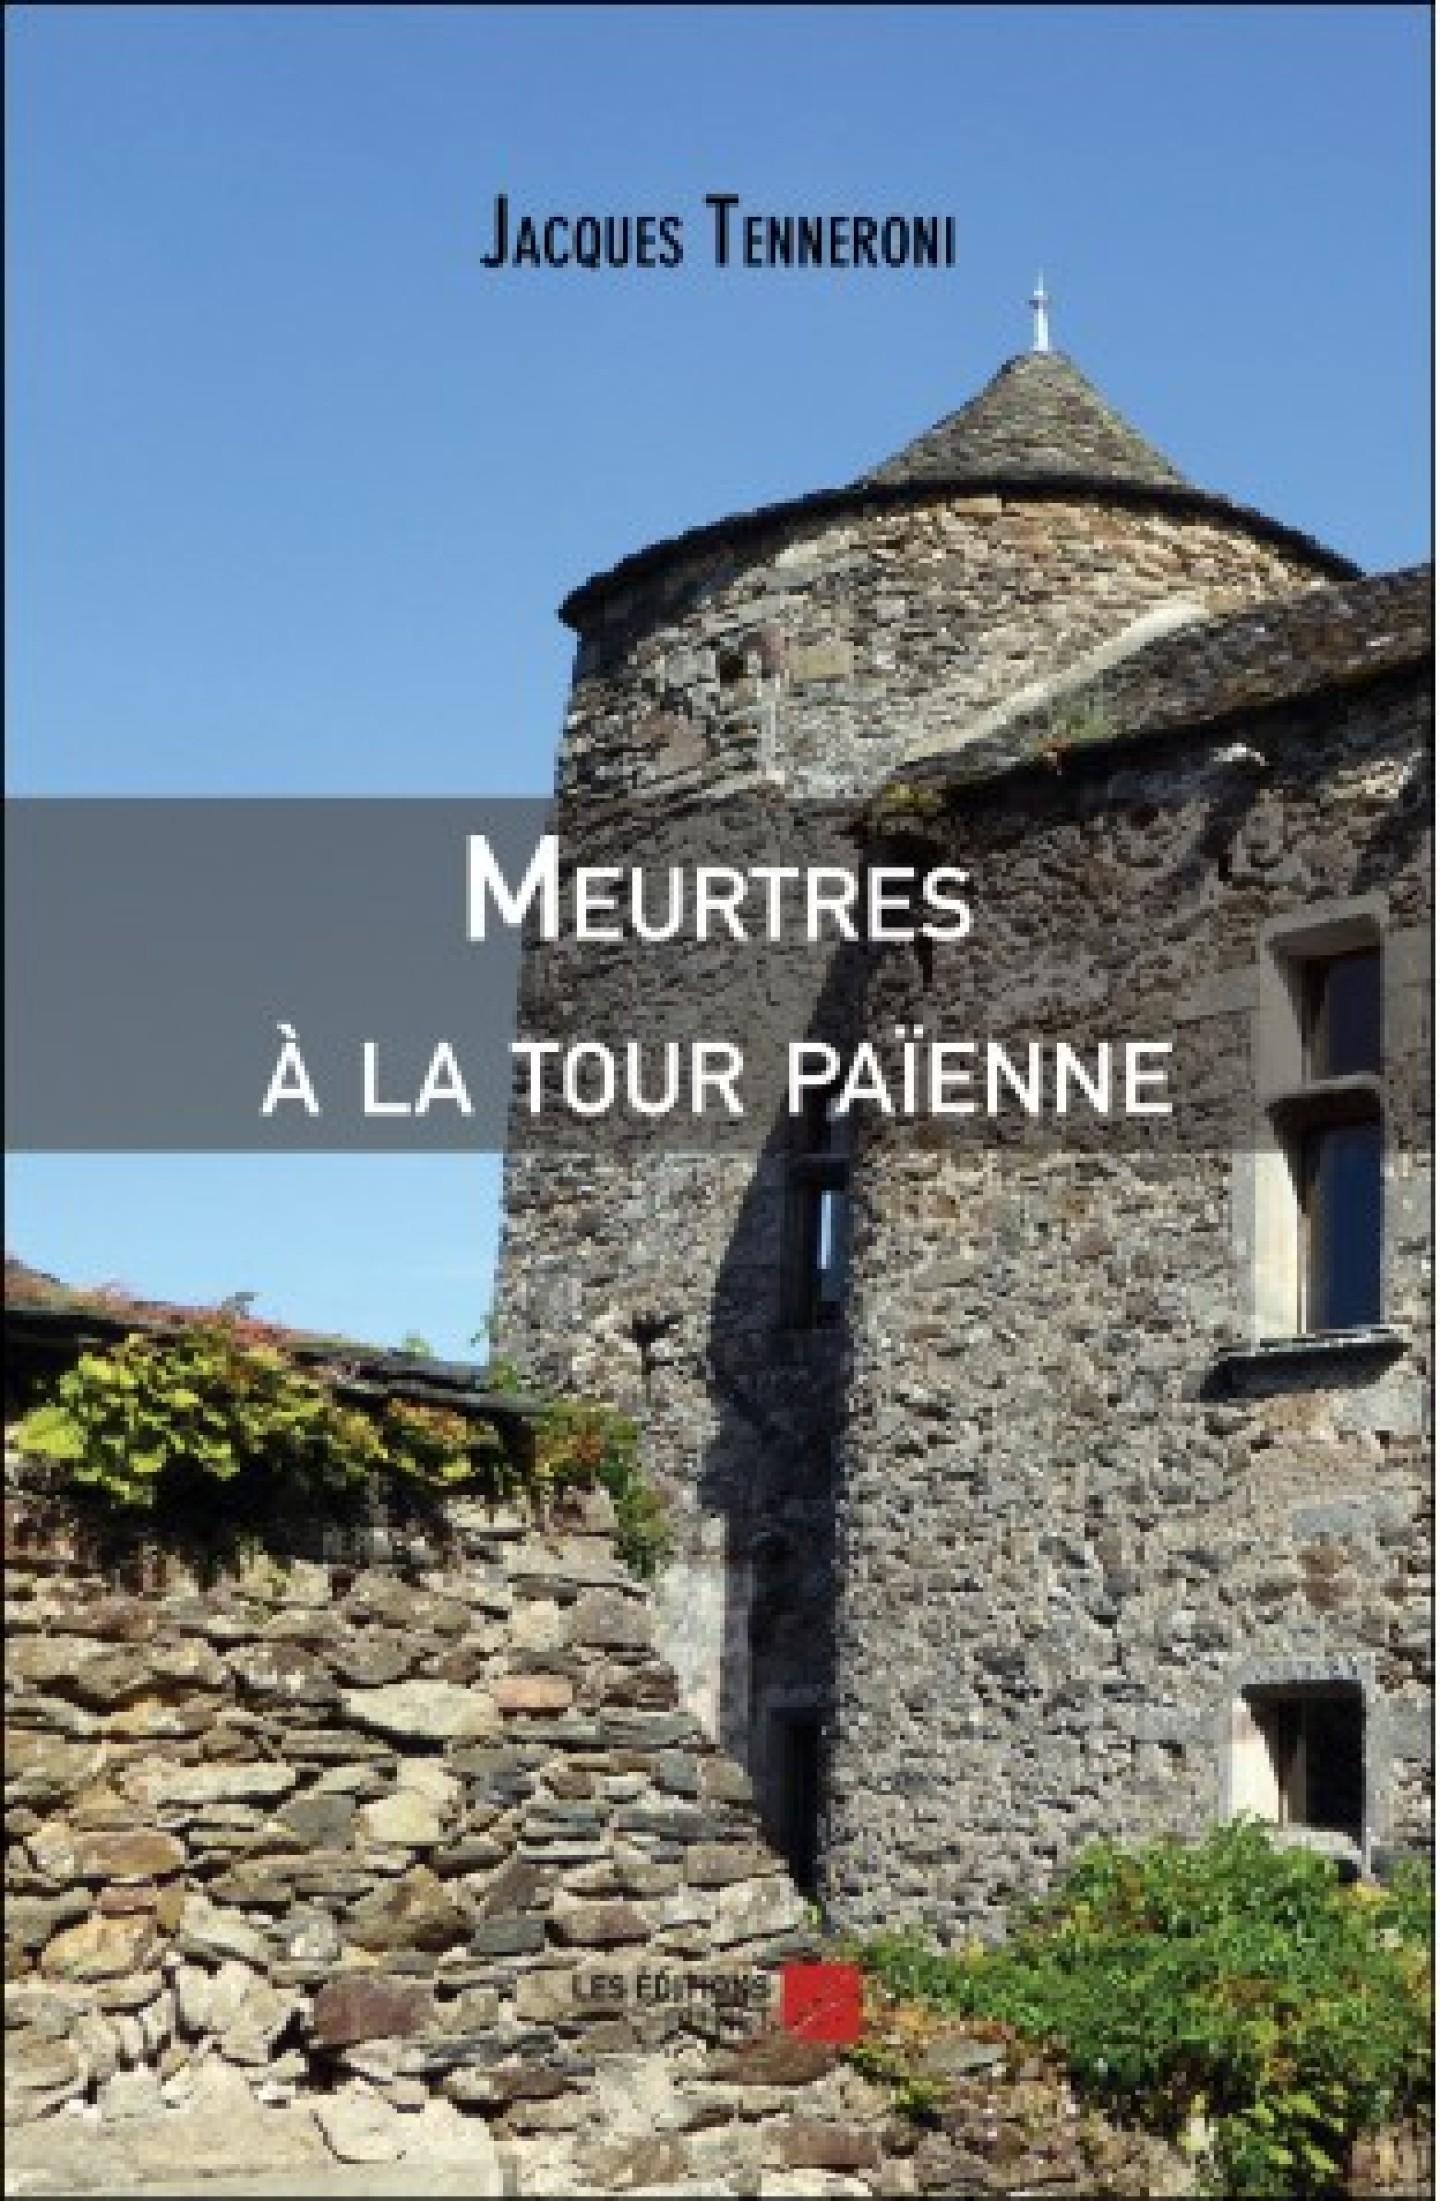 Meurtres à la tour païenne de Jacques Tenneroni